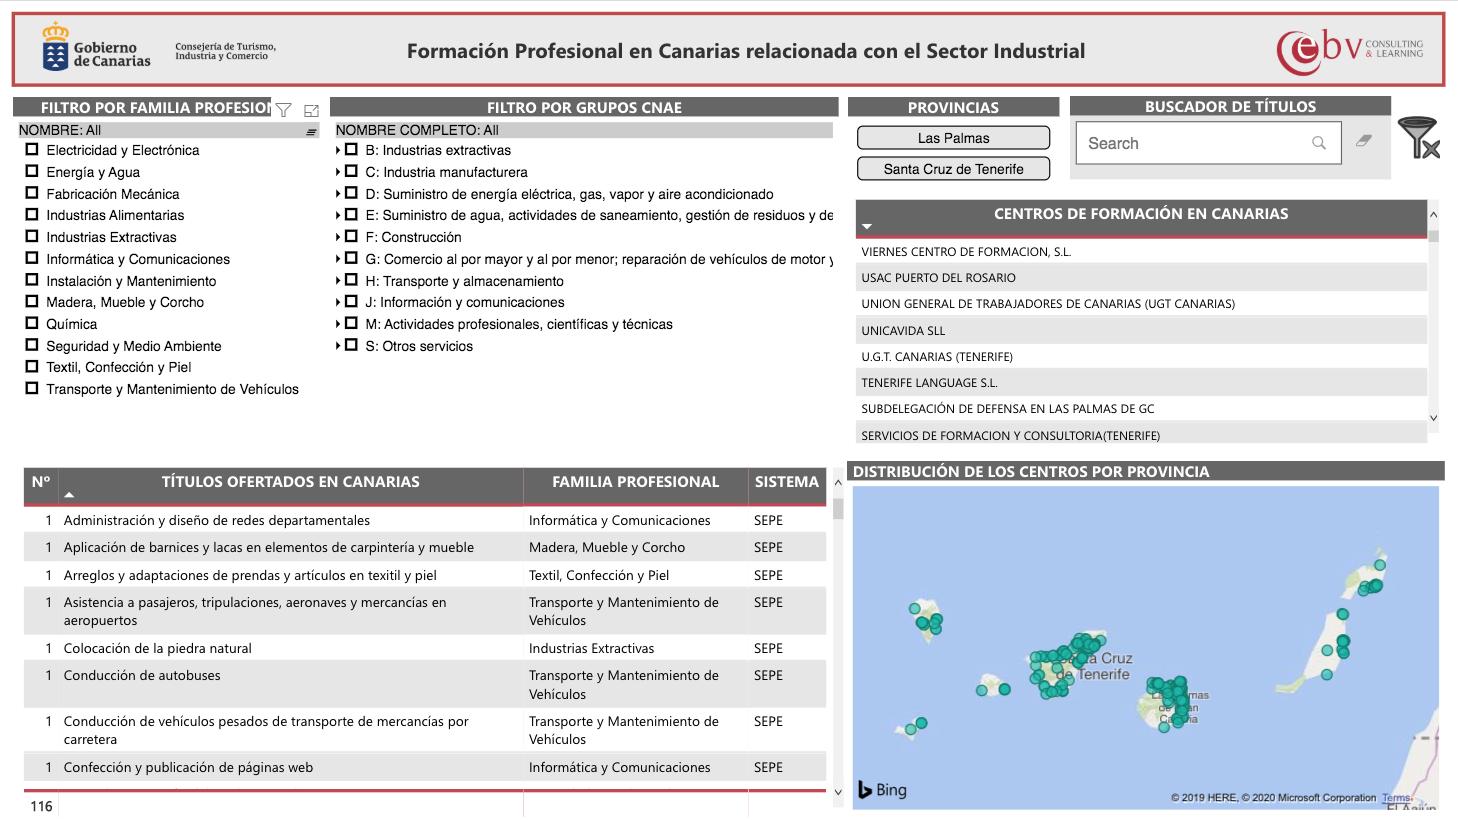 La oferta de FP del sector industrial, recogida en una aplicación Web creada por el Gobierno de Canarias